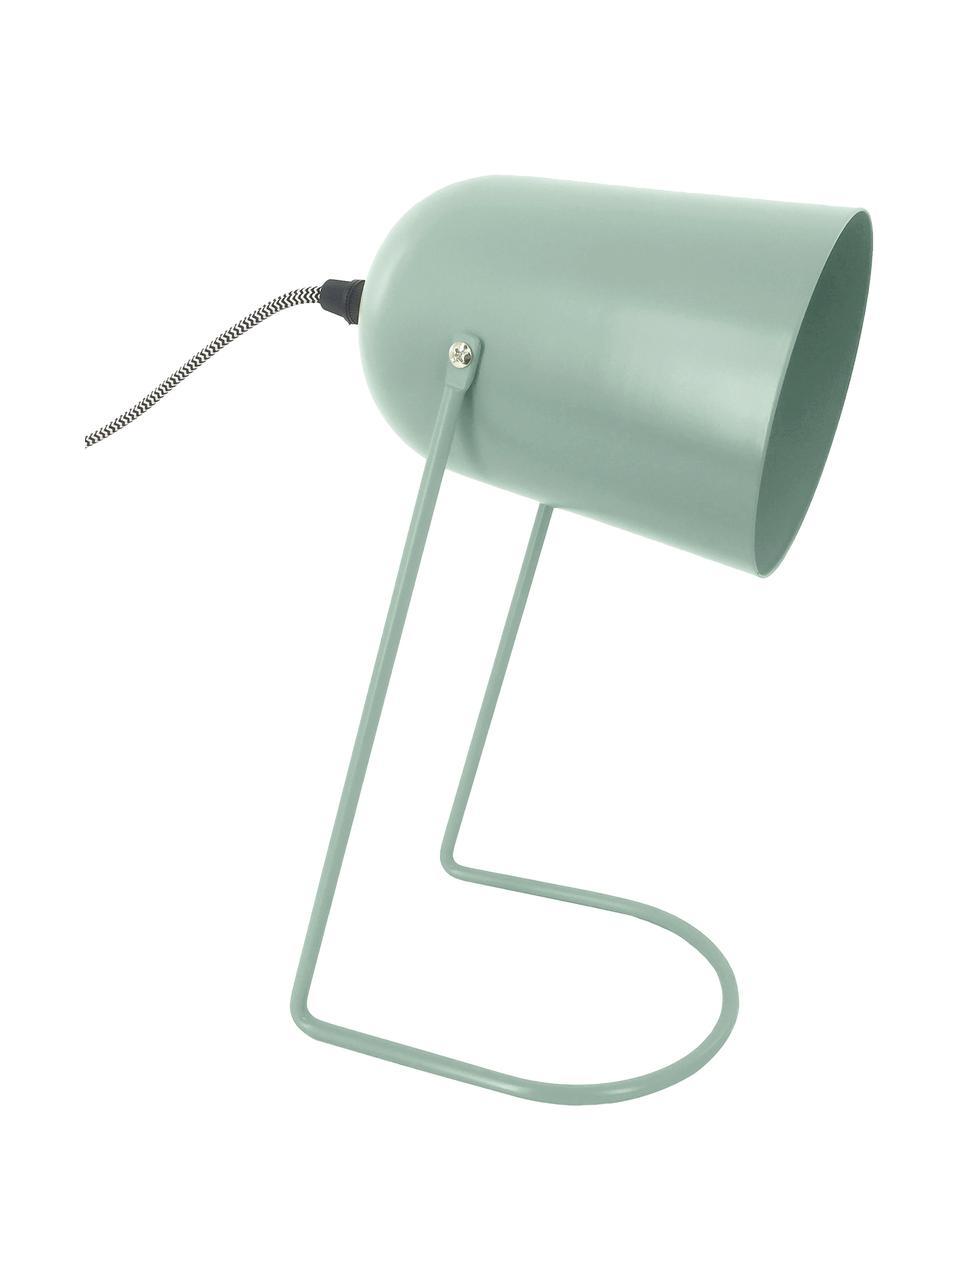 Lampada da comodino piccola Enchant, Paralume: metallo rivestito, Base della lampada: metallo rivestito, Verde, Ø 18 x Alt. 30 cm